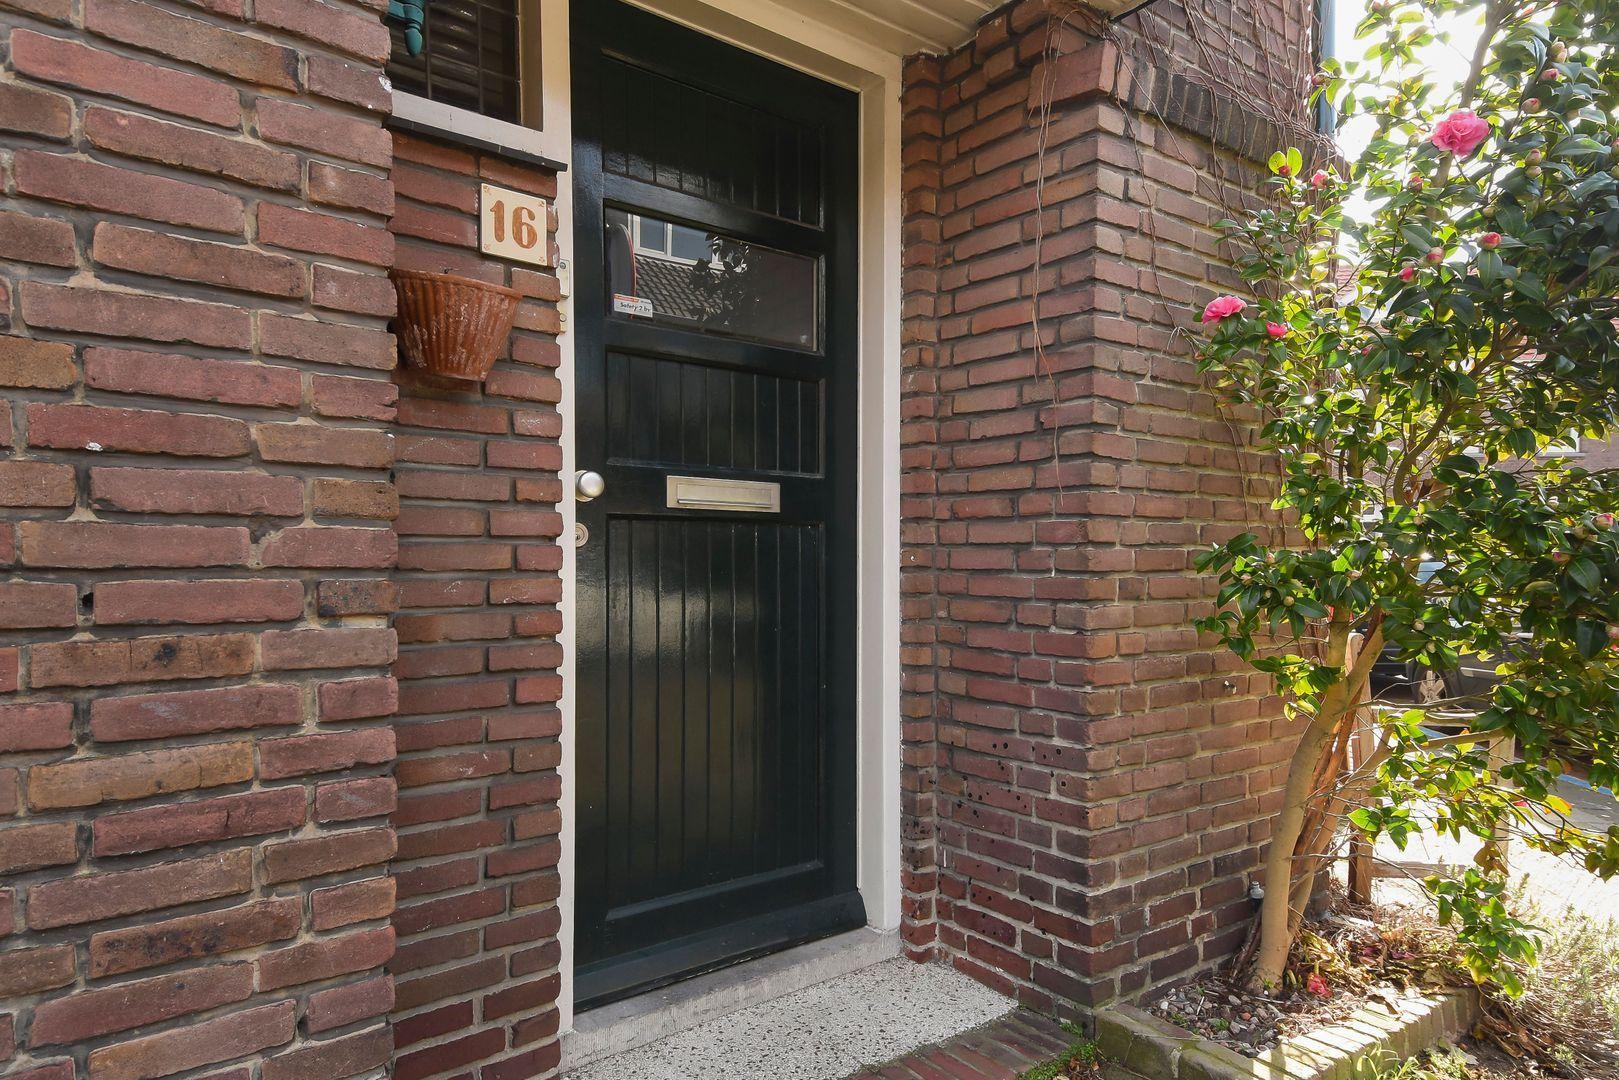 Agrippinastraat 16, Voorburg foto-1